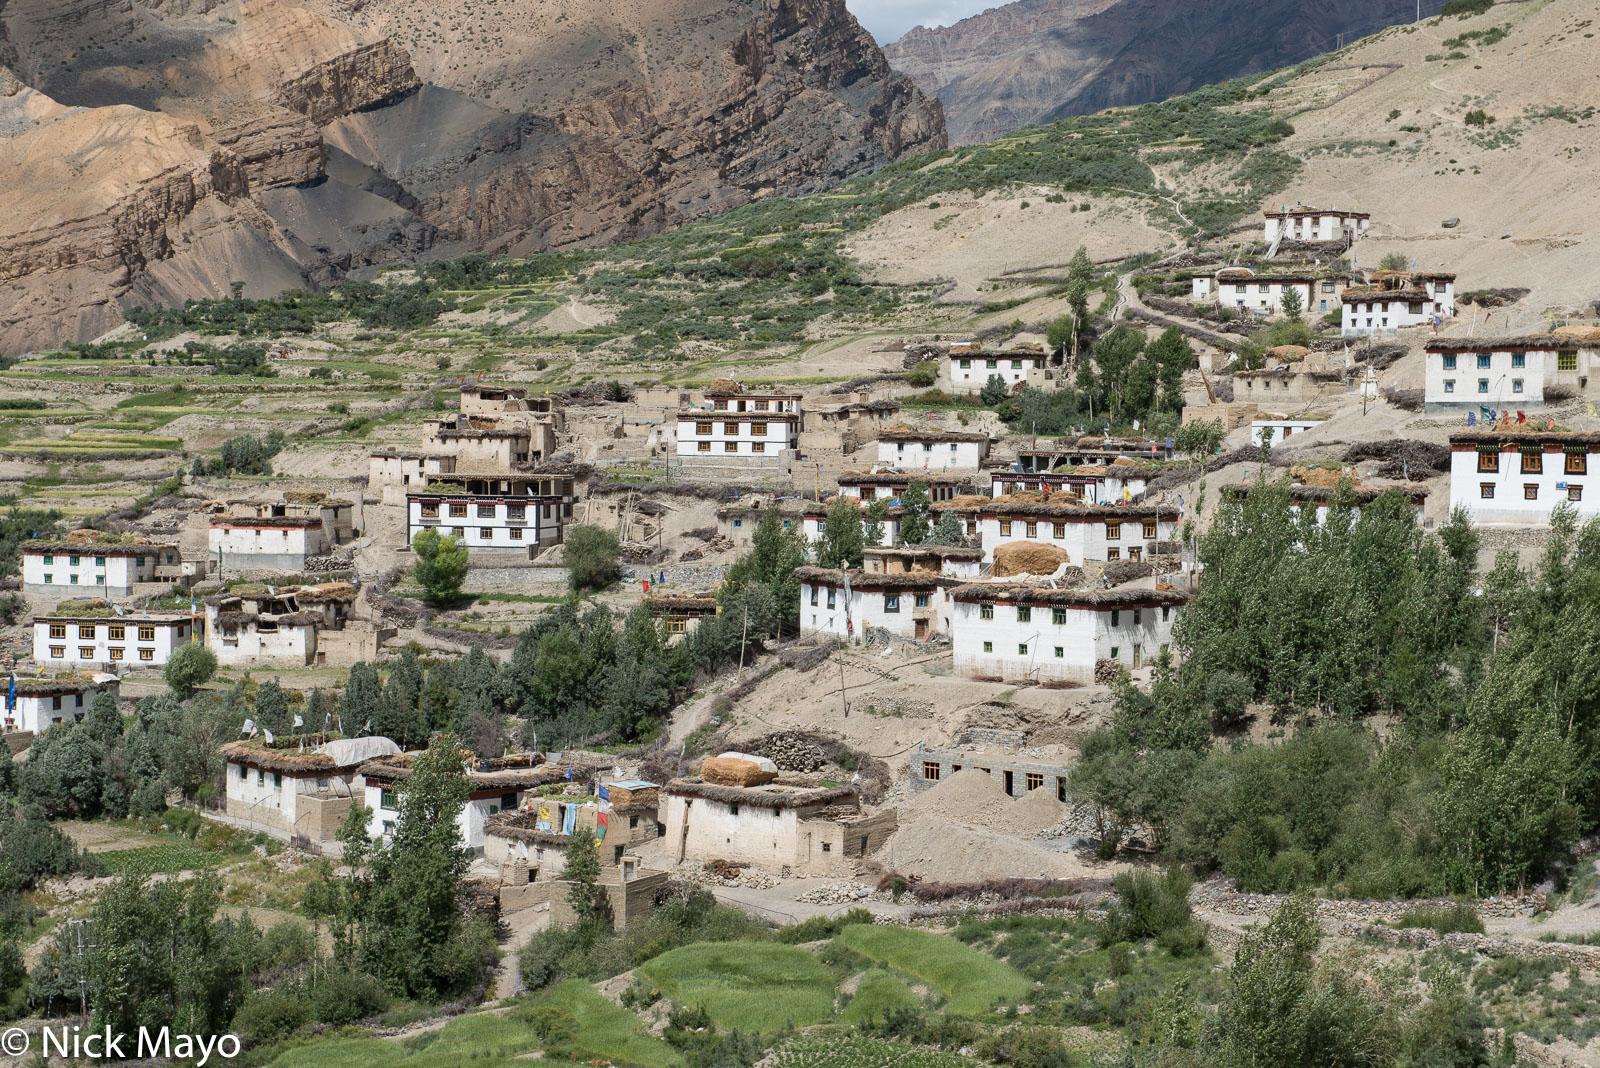 Lhalung village in Spiti.